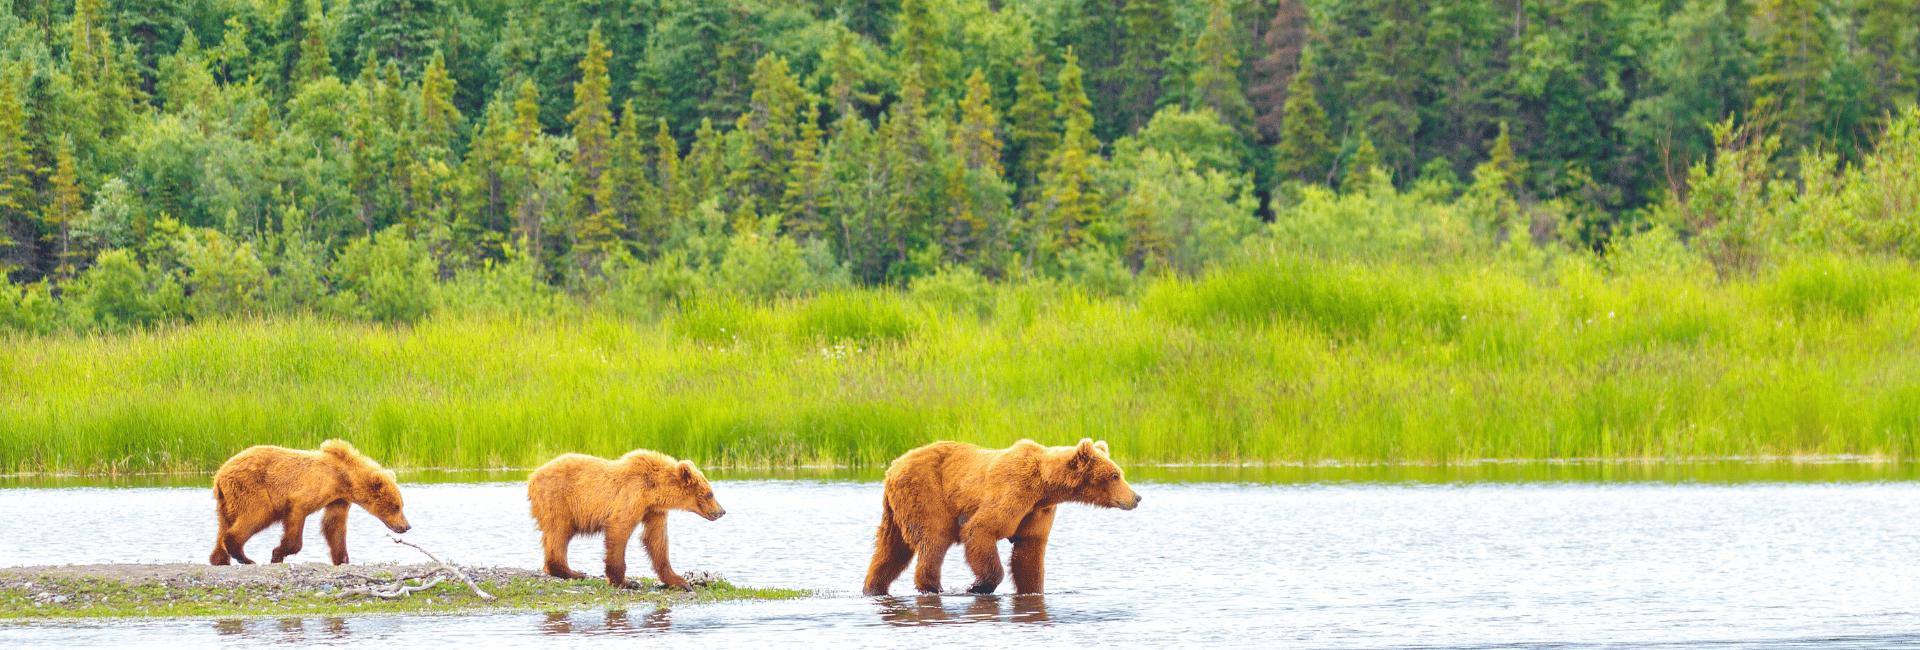 Oplev bjørnelivet på din rejse til Alaska med Risskov Rejser